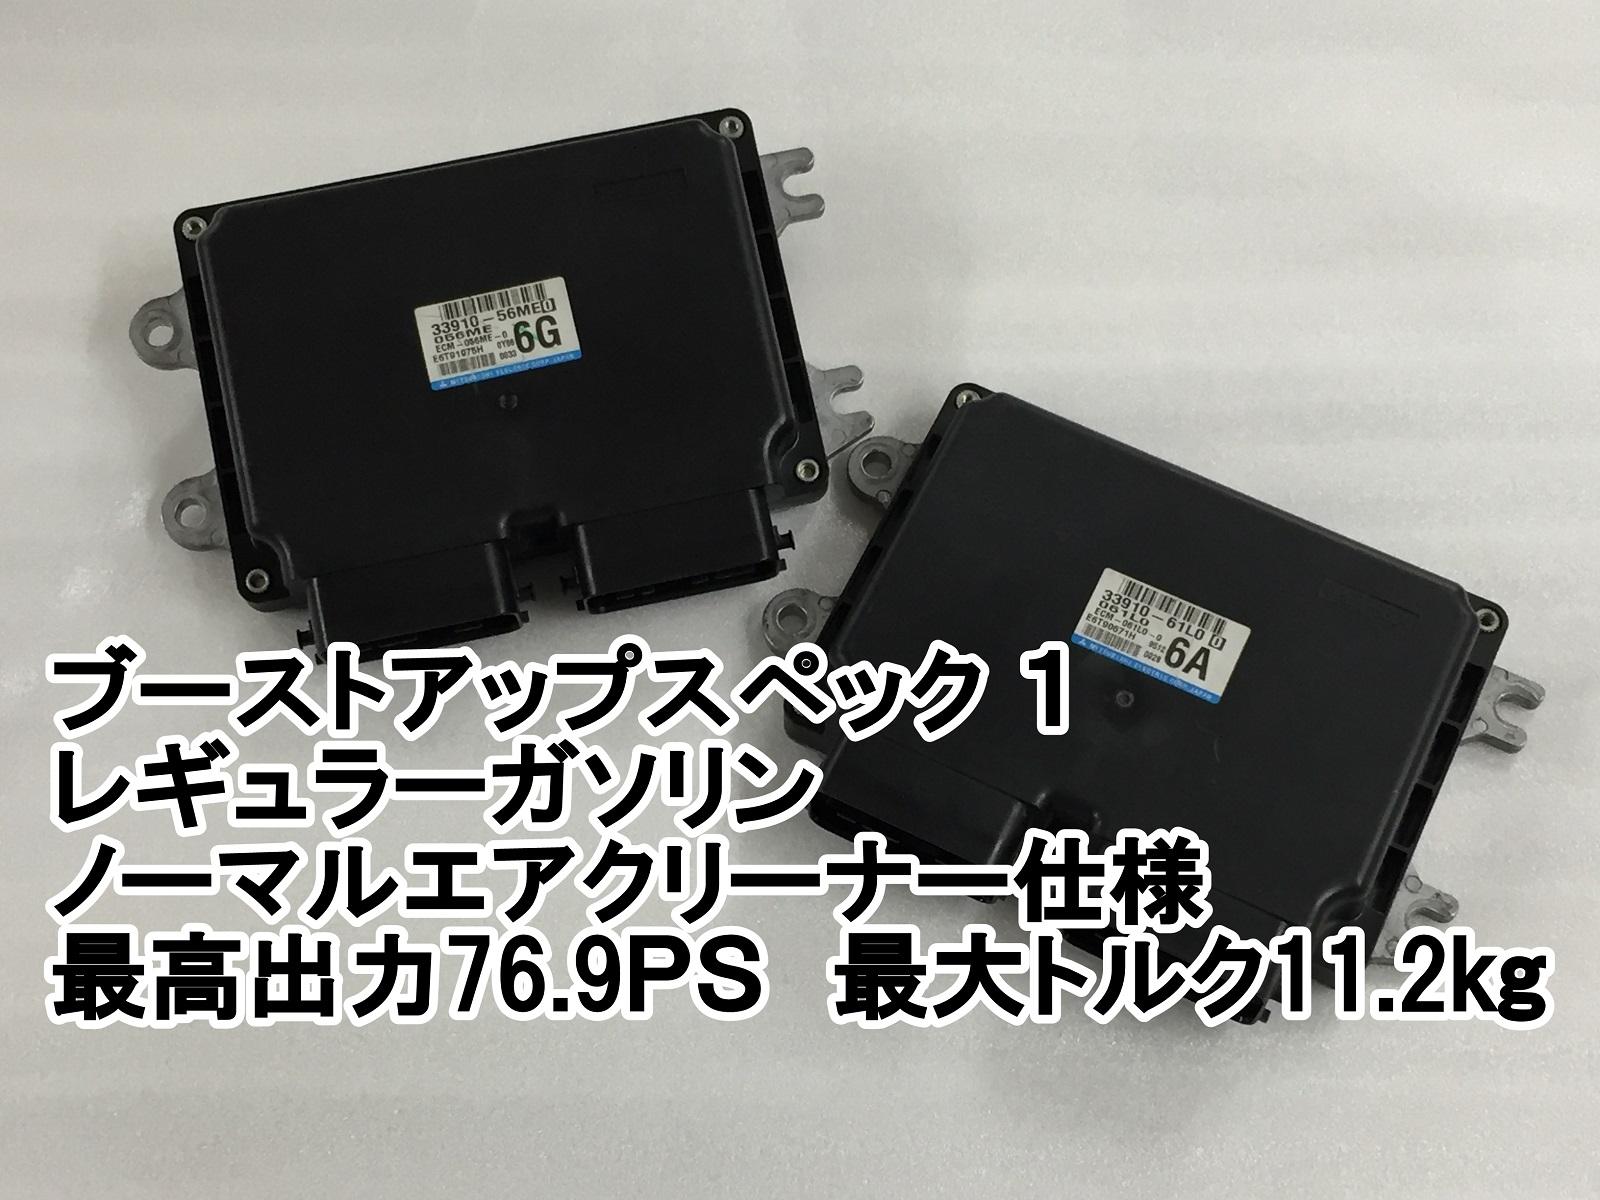 JB23:8型以降に対応【SP1】レギュラー/ノーマルBOXエアクリーナーブーストUP仕様